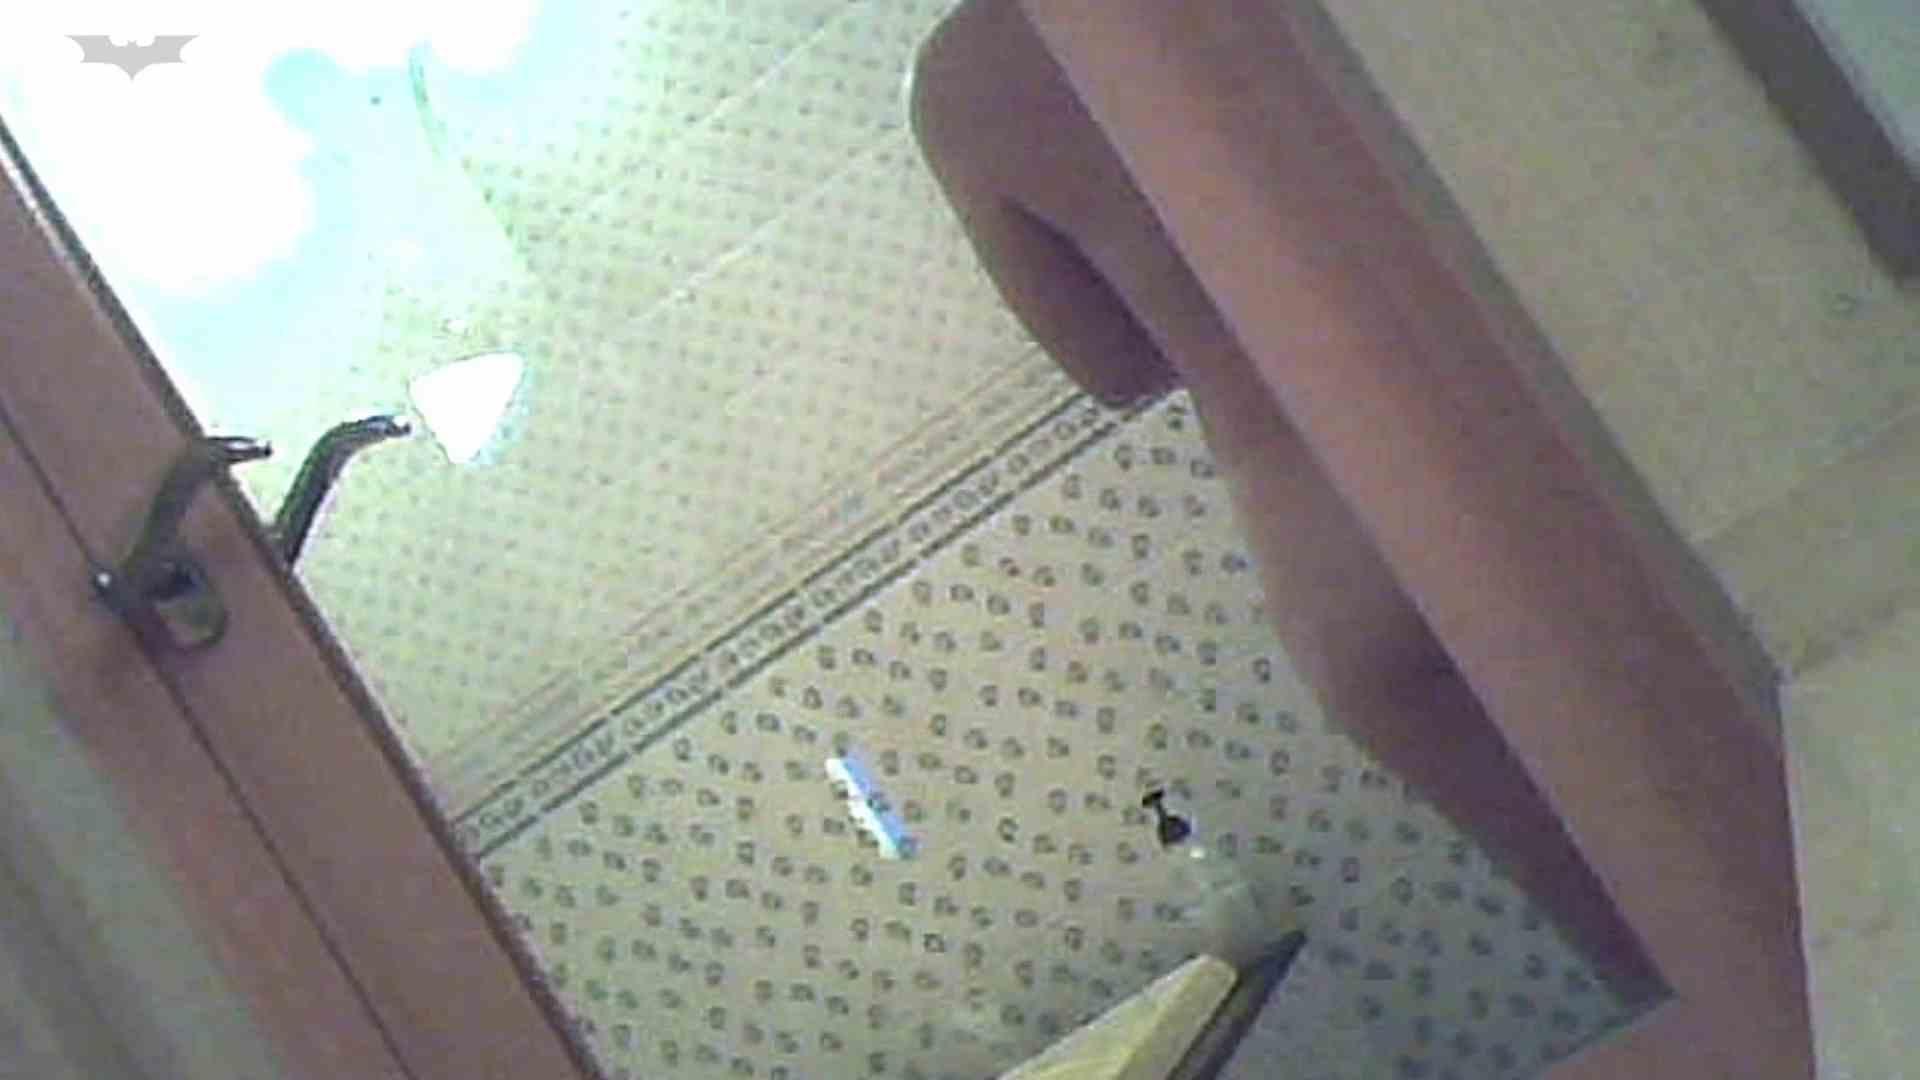 禁断、、家庭教のおしえ子 (シリーズⅦ) まほちゃん Vol.32 脱衣編 ラブホテル オメコ動画キャプチャ 44画像 17